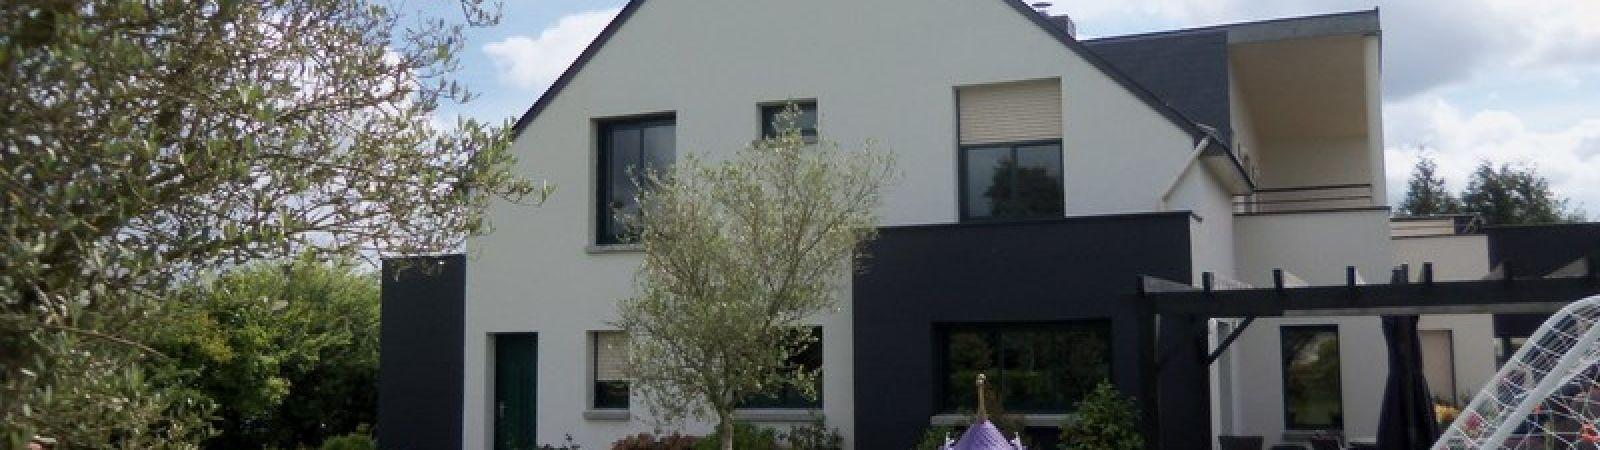 photo 2: Superbe maison contemporaine avec piscine intérieure